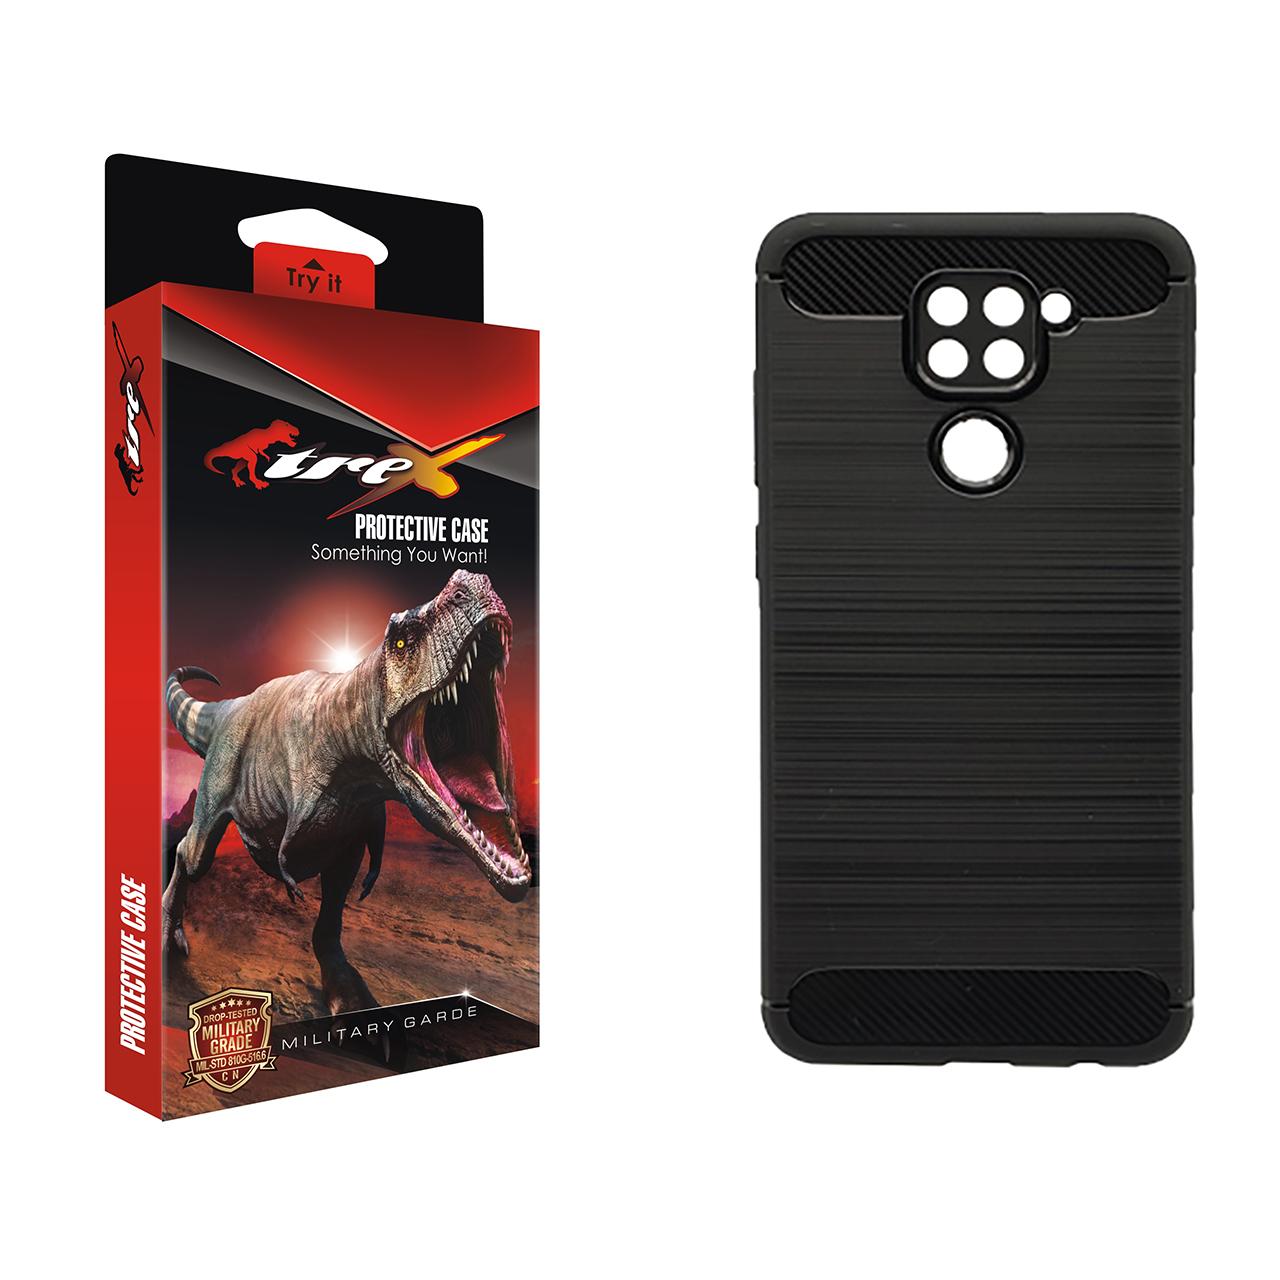 کاور تی رکس مدل FB001 مناسب برای گوشی موبایل شیائومی Redmi Note 9 / Redmi 10X 4G              ( قیمت و خرید)